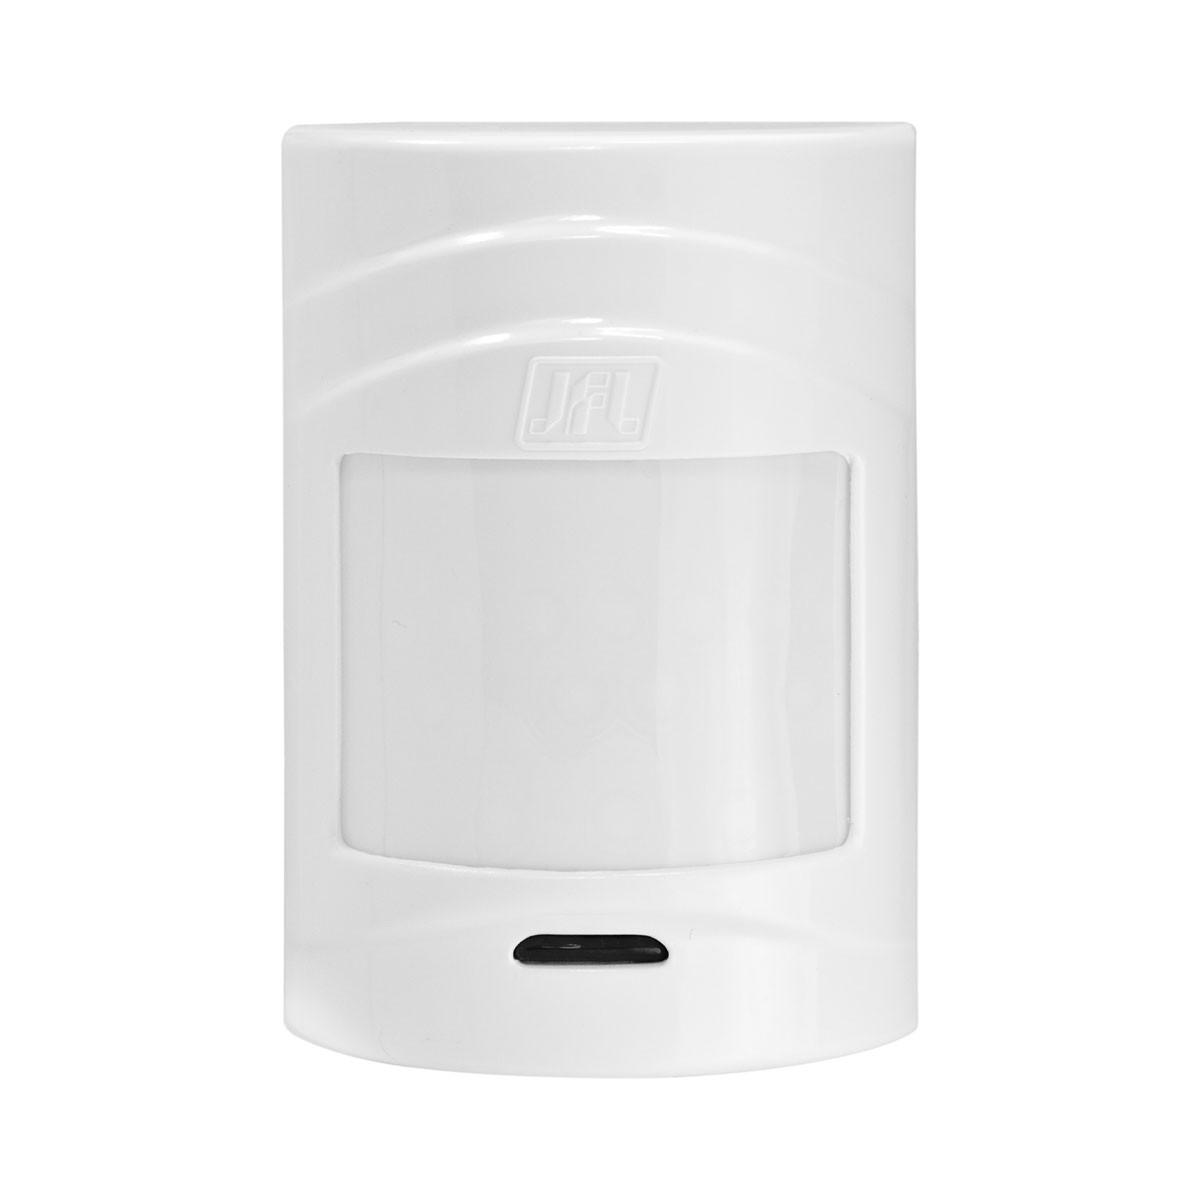 Kit Alarme Jfl Smart Cloud 18 Sensores ShC Fit – Ird 640 e IrPet 530 Sf